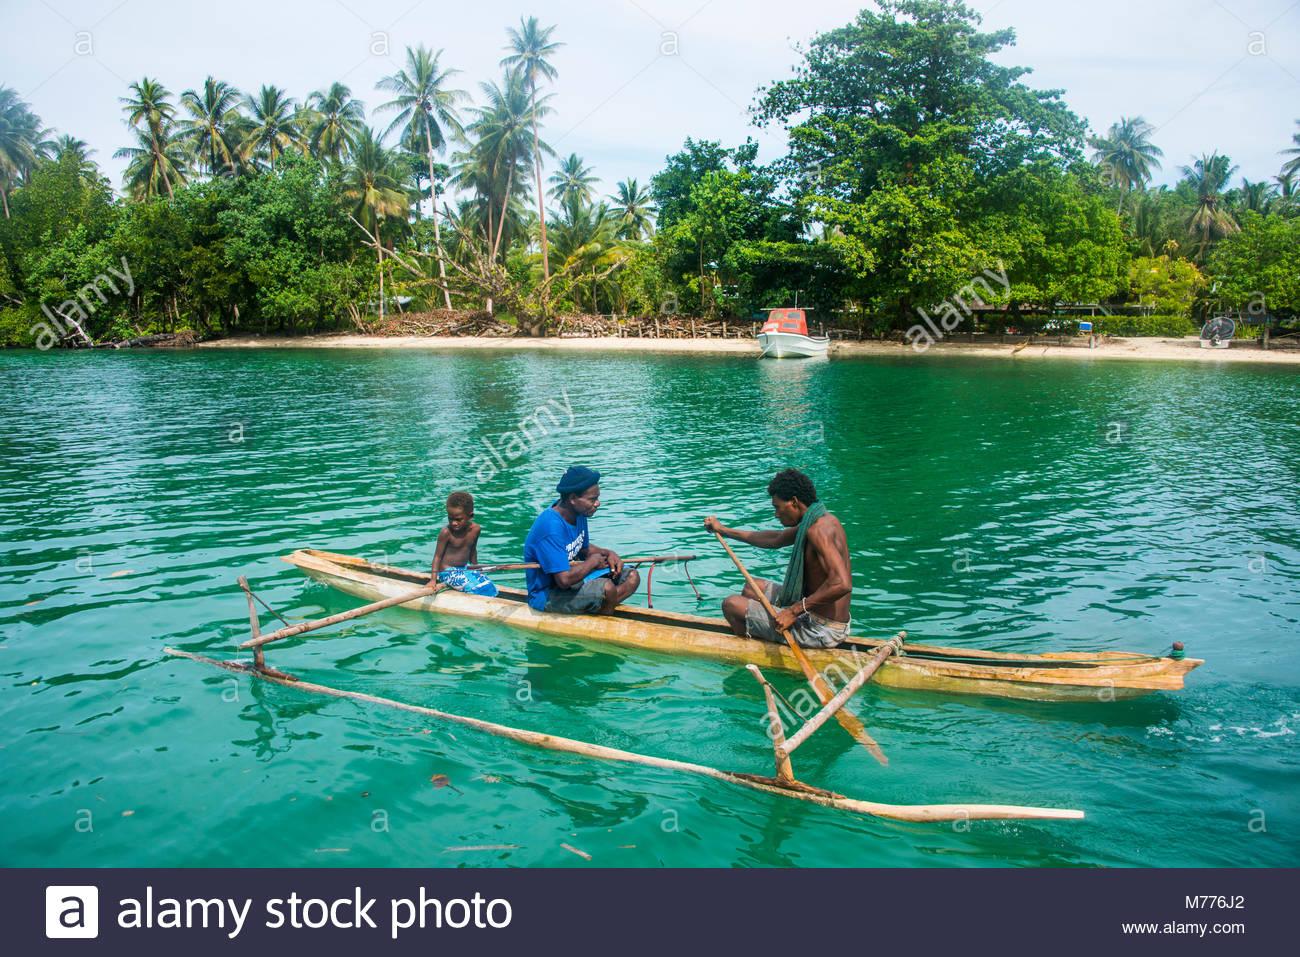 Kavieng Papua New Guinea Stock Photos & Kavieng Papua New Guinea.